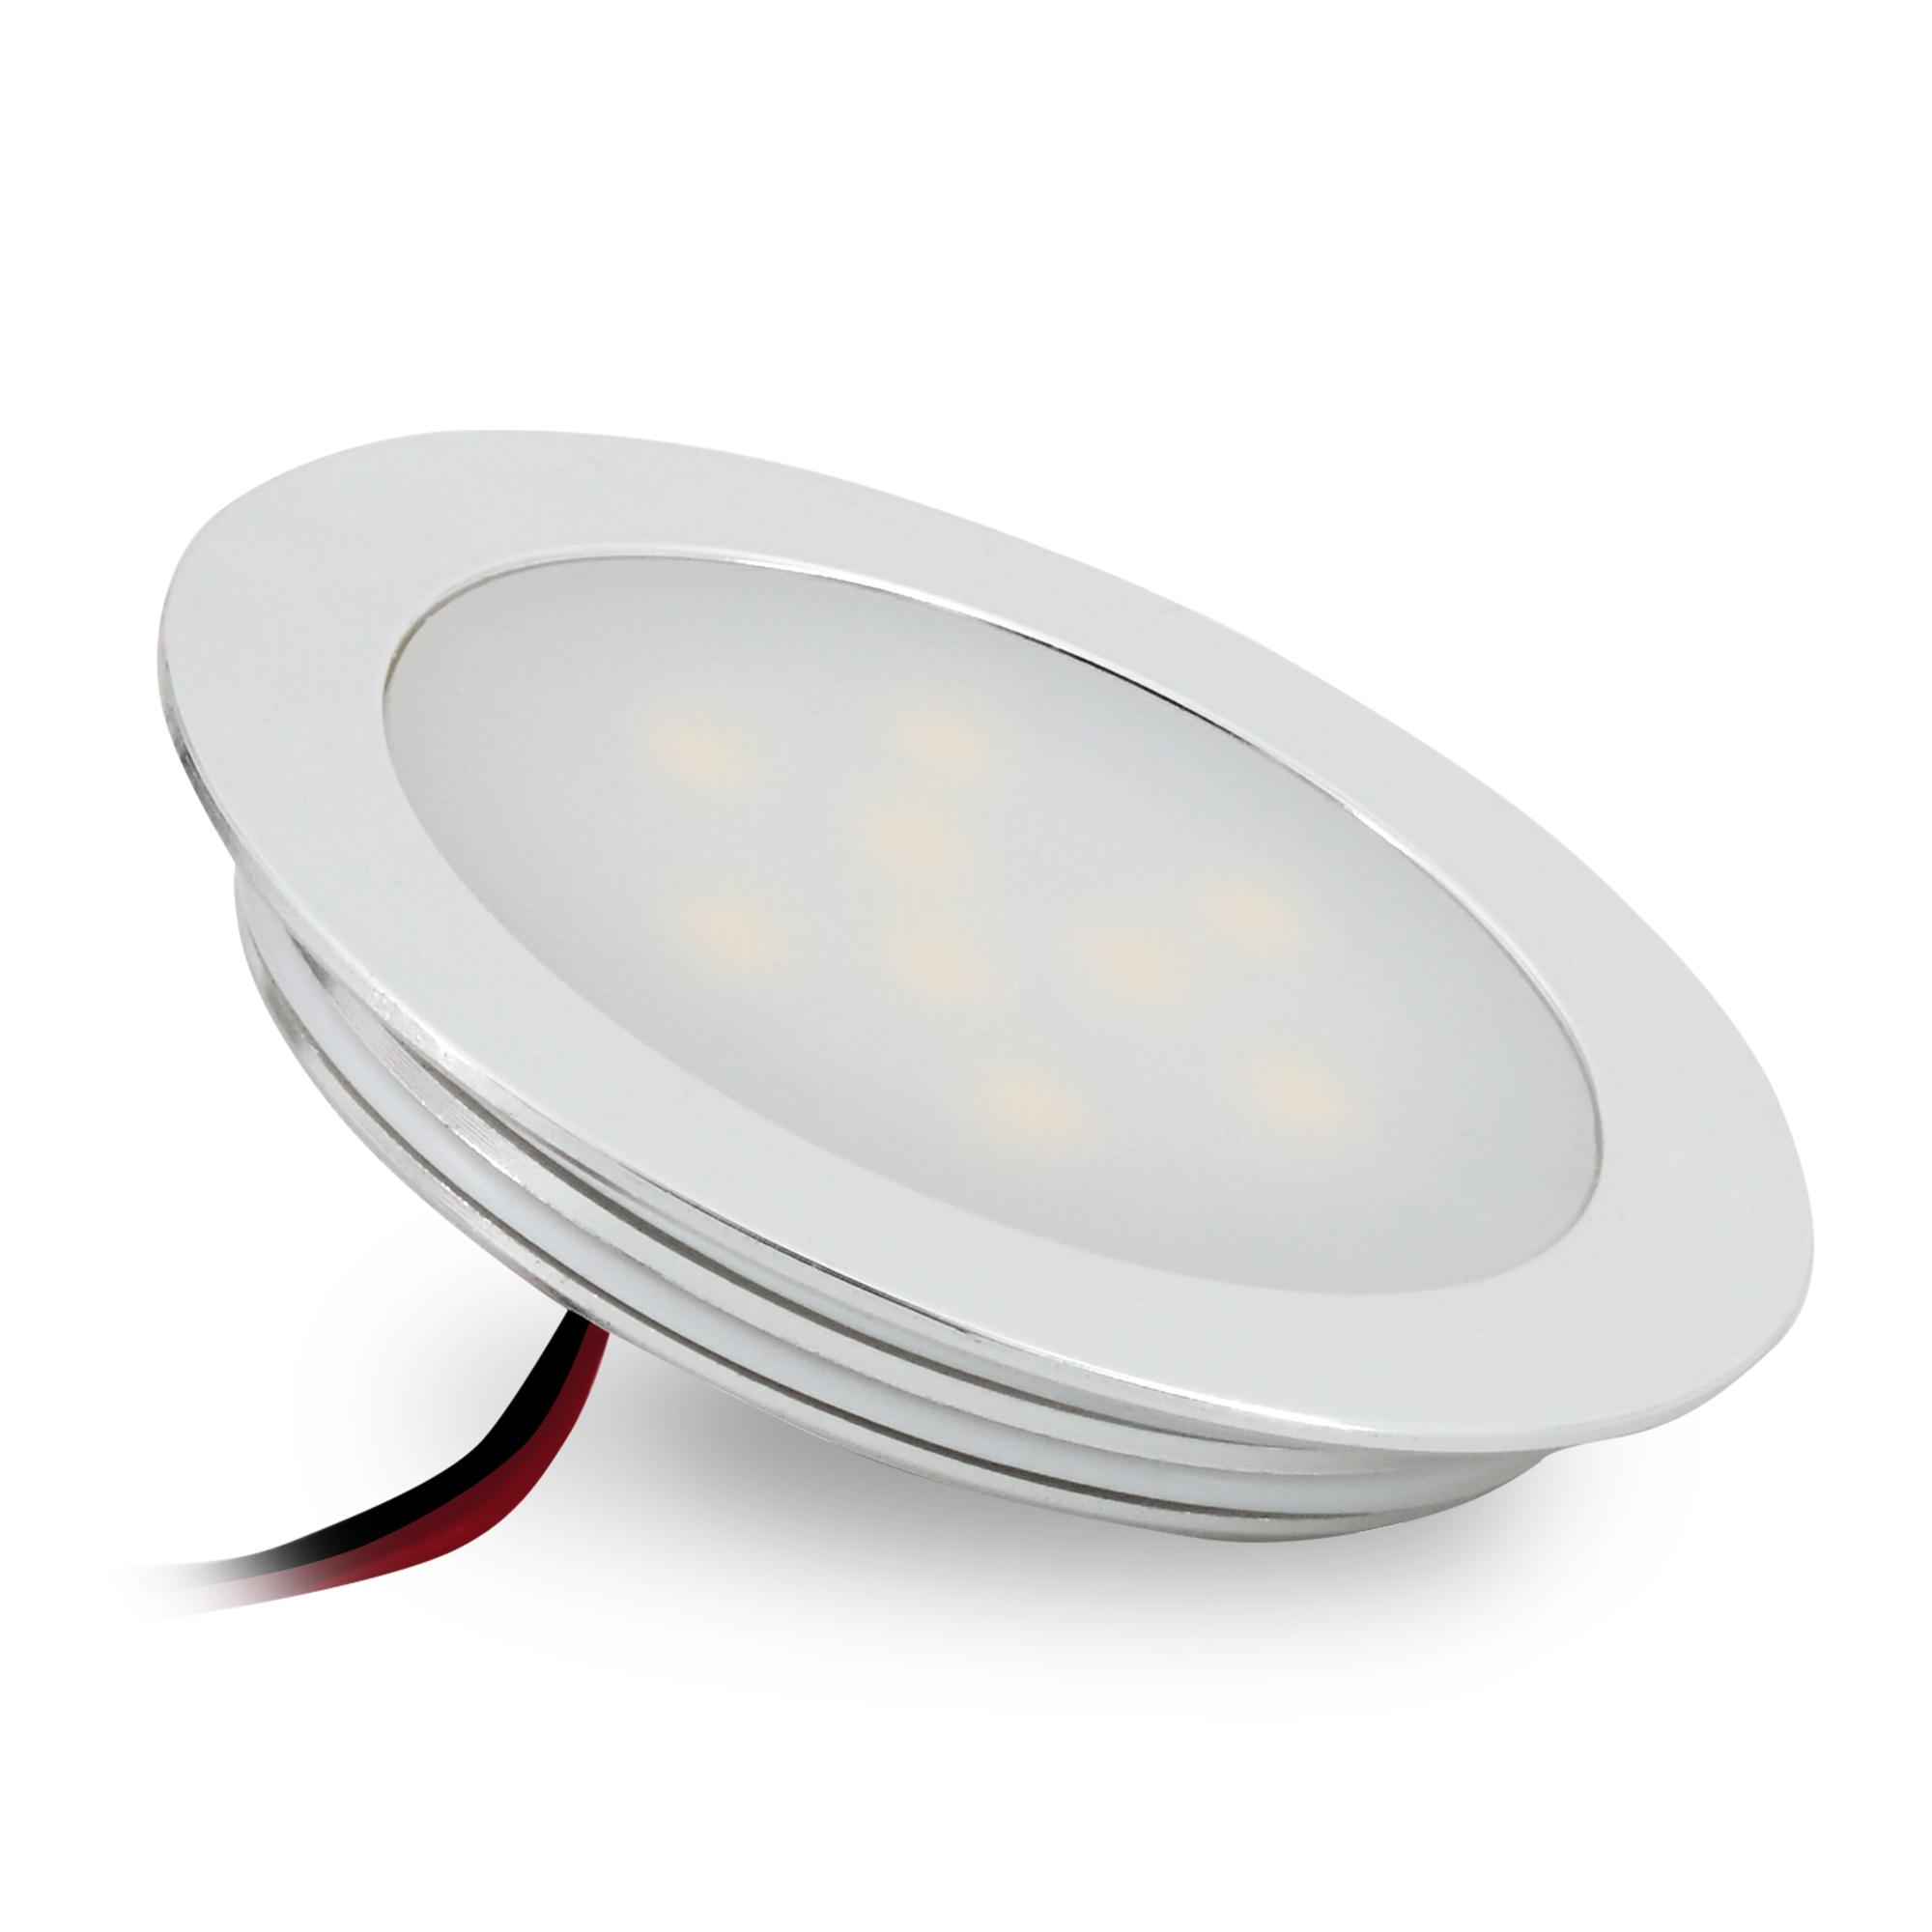 Ultraflache Led Einbauleuchte Für Feuchträume Alu Matt Rund 05w Warm Weiß 12v Ip67